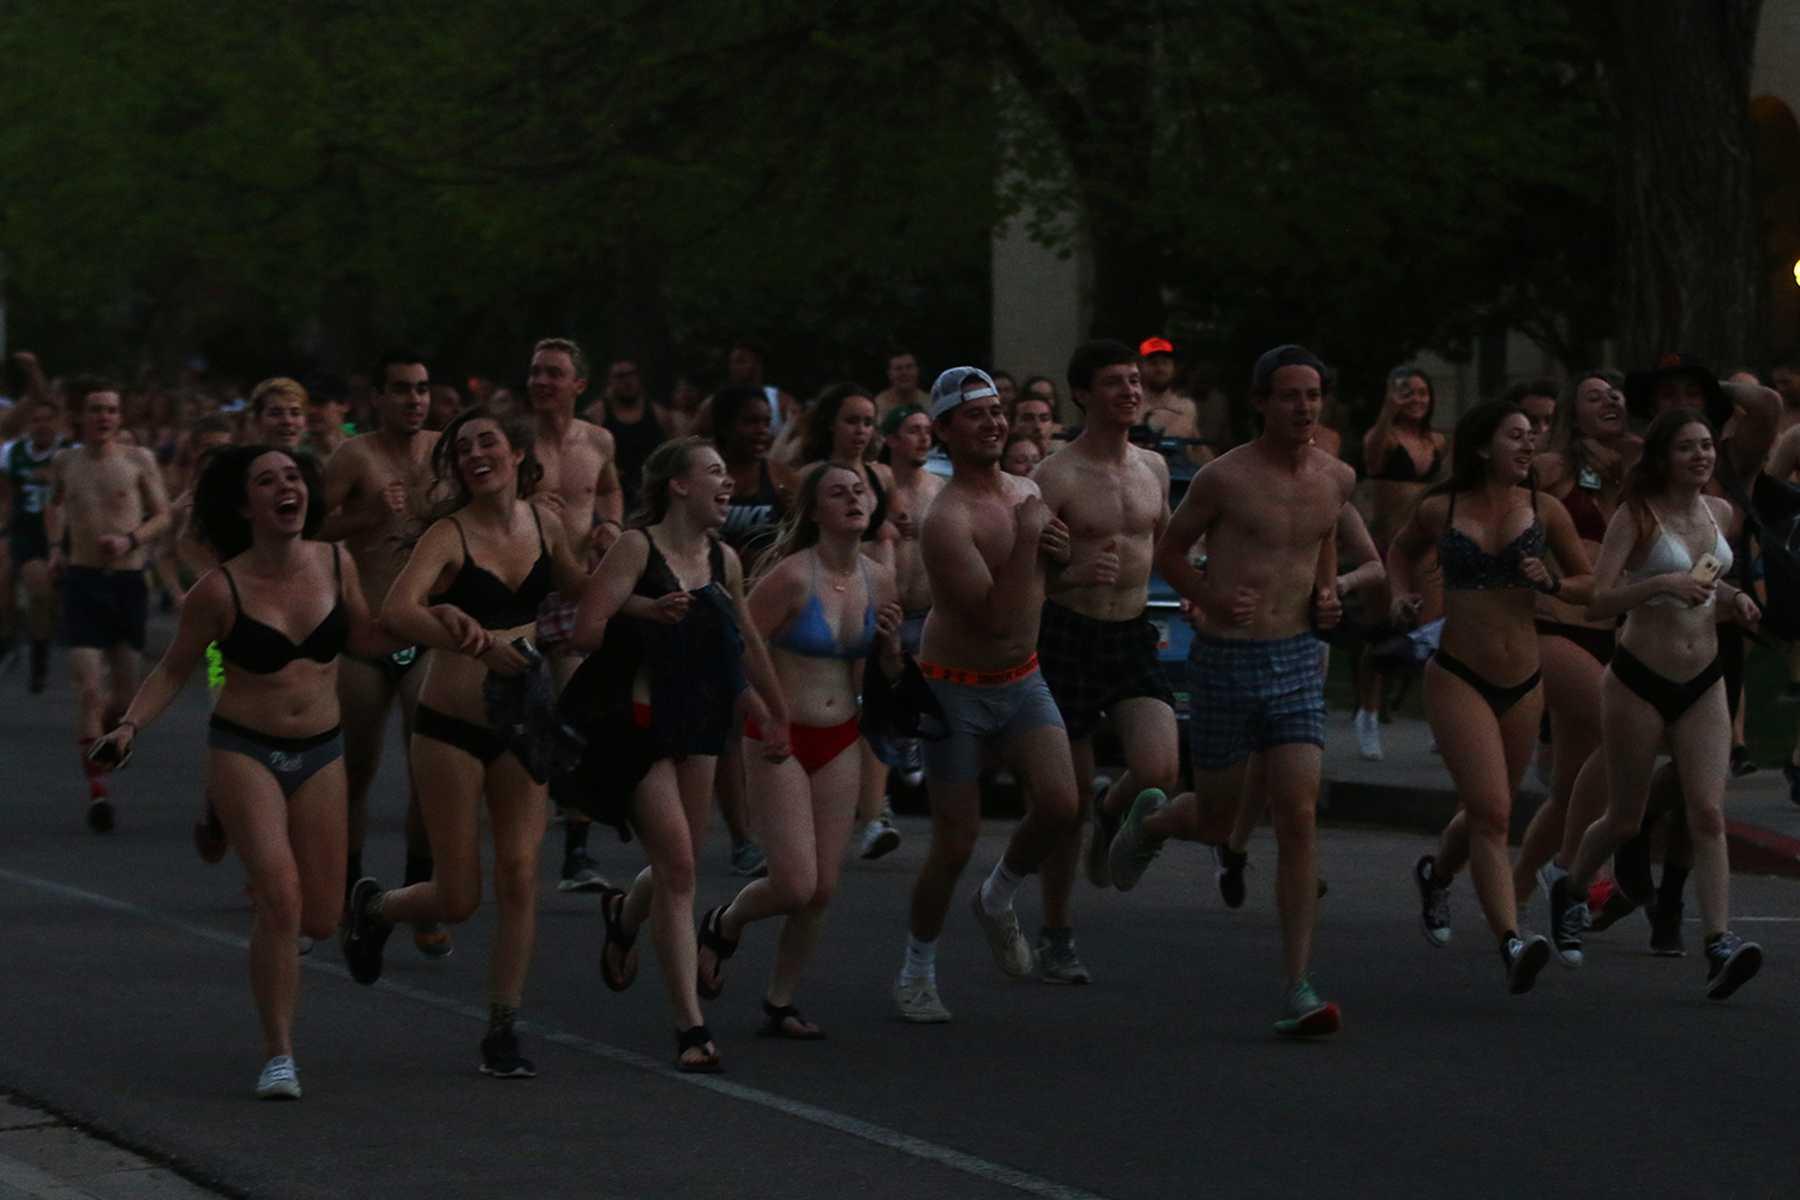 Thousands Gather At Csu Rec Center For Undie Run